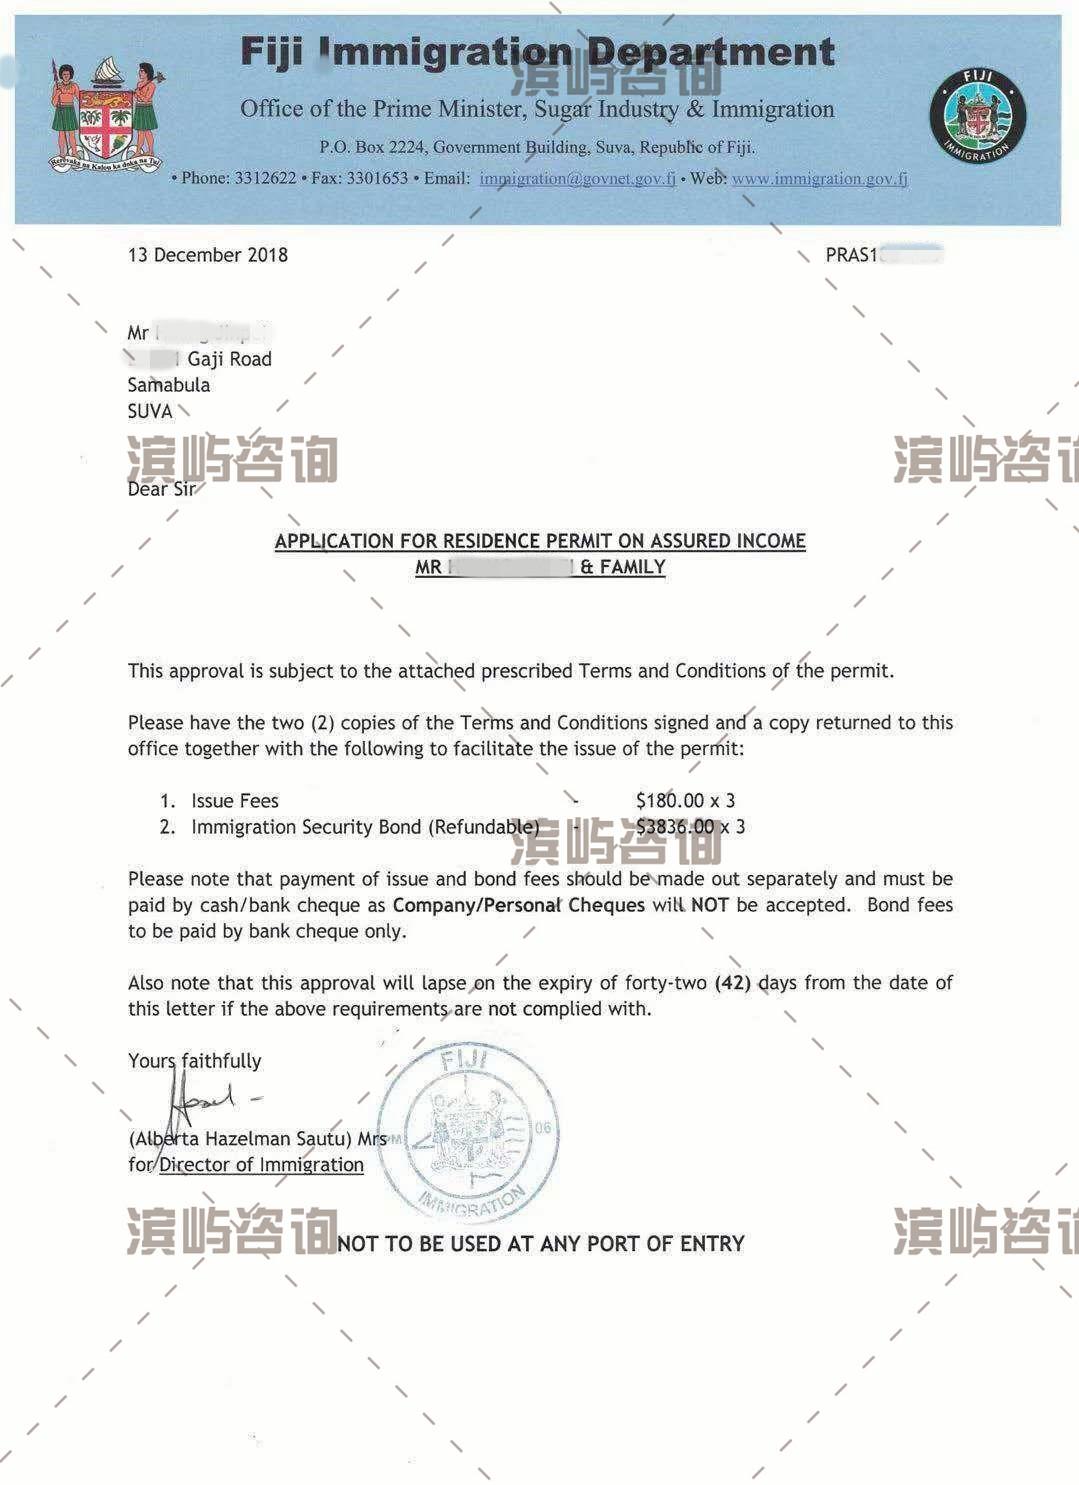 斐济退休移民成功案例-批准信